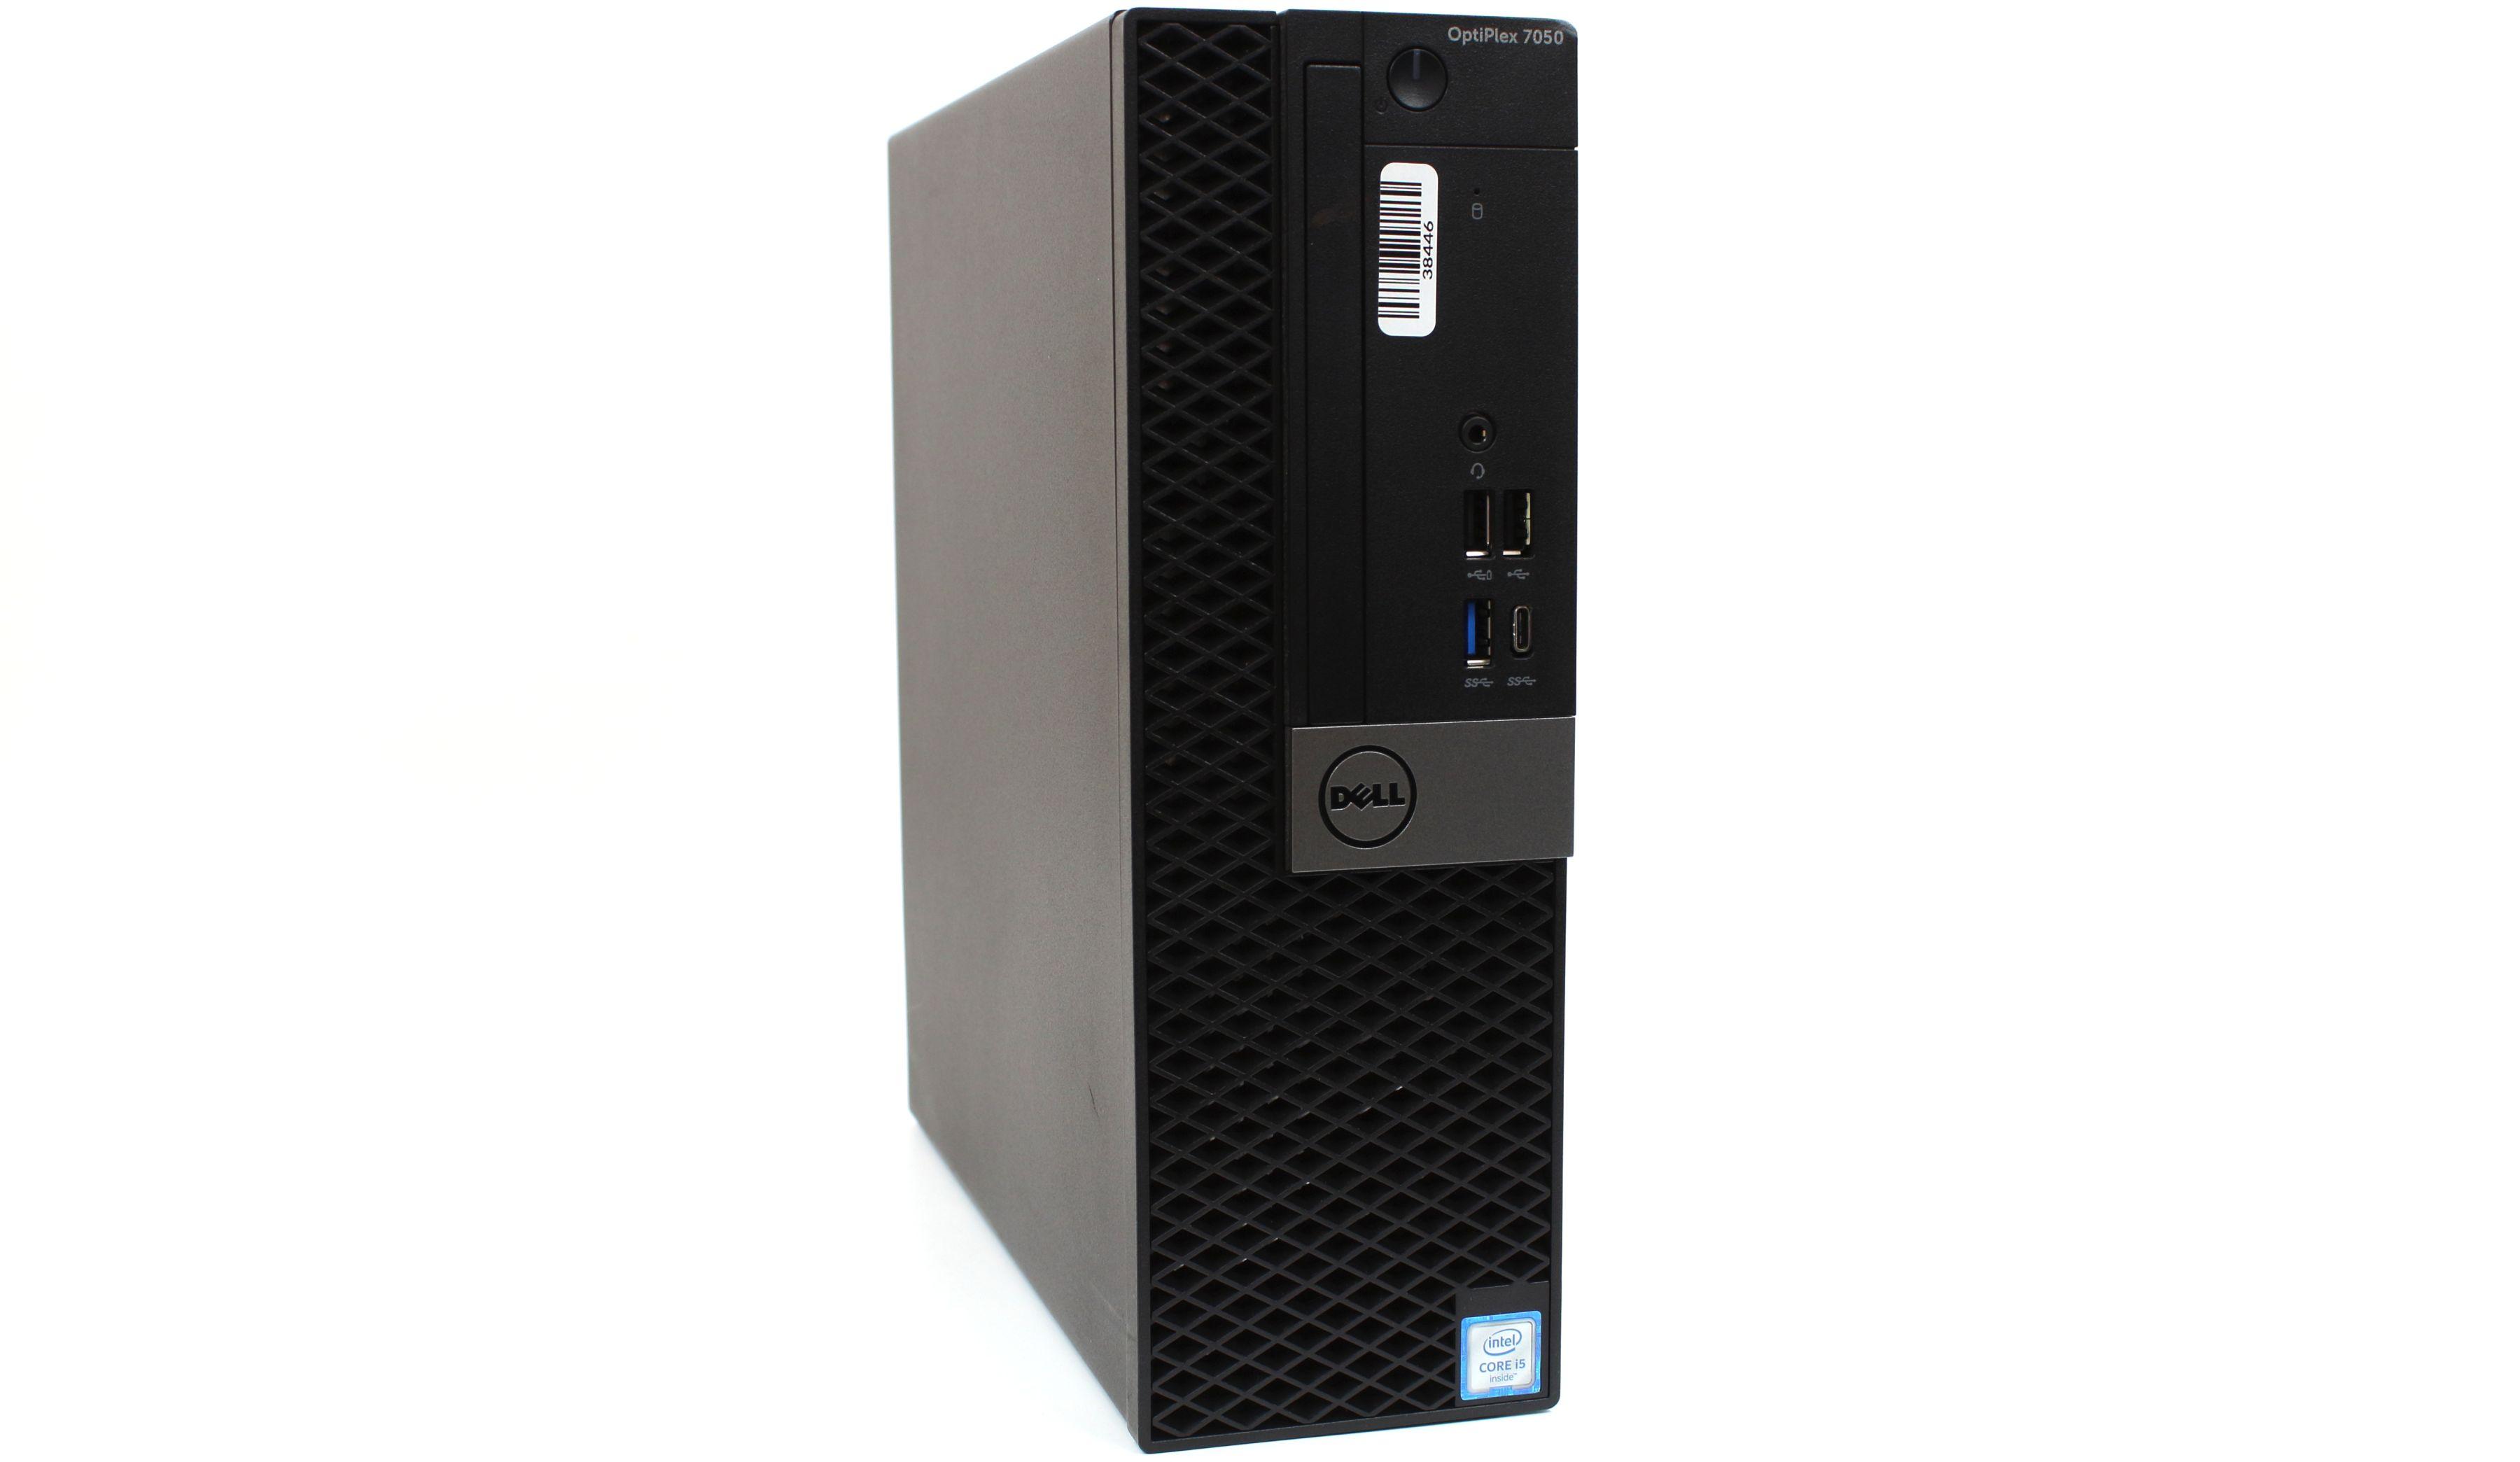 Komputer Dell OptiPlex 7050 SFF i5-6500T 4x3,10GHz 8GB 256GB SSD Windows 10 Professional